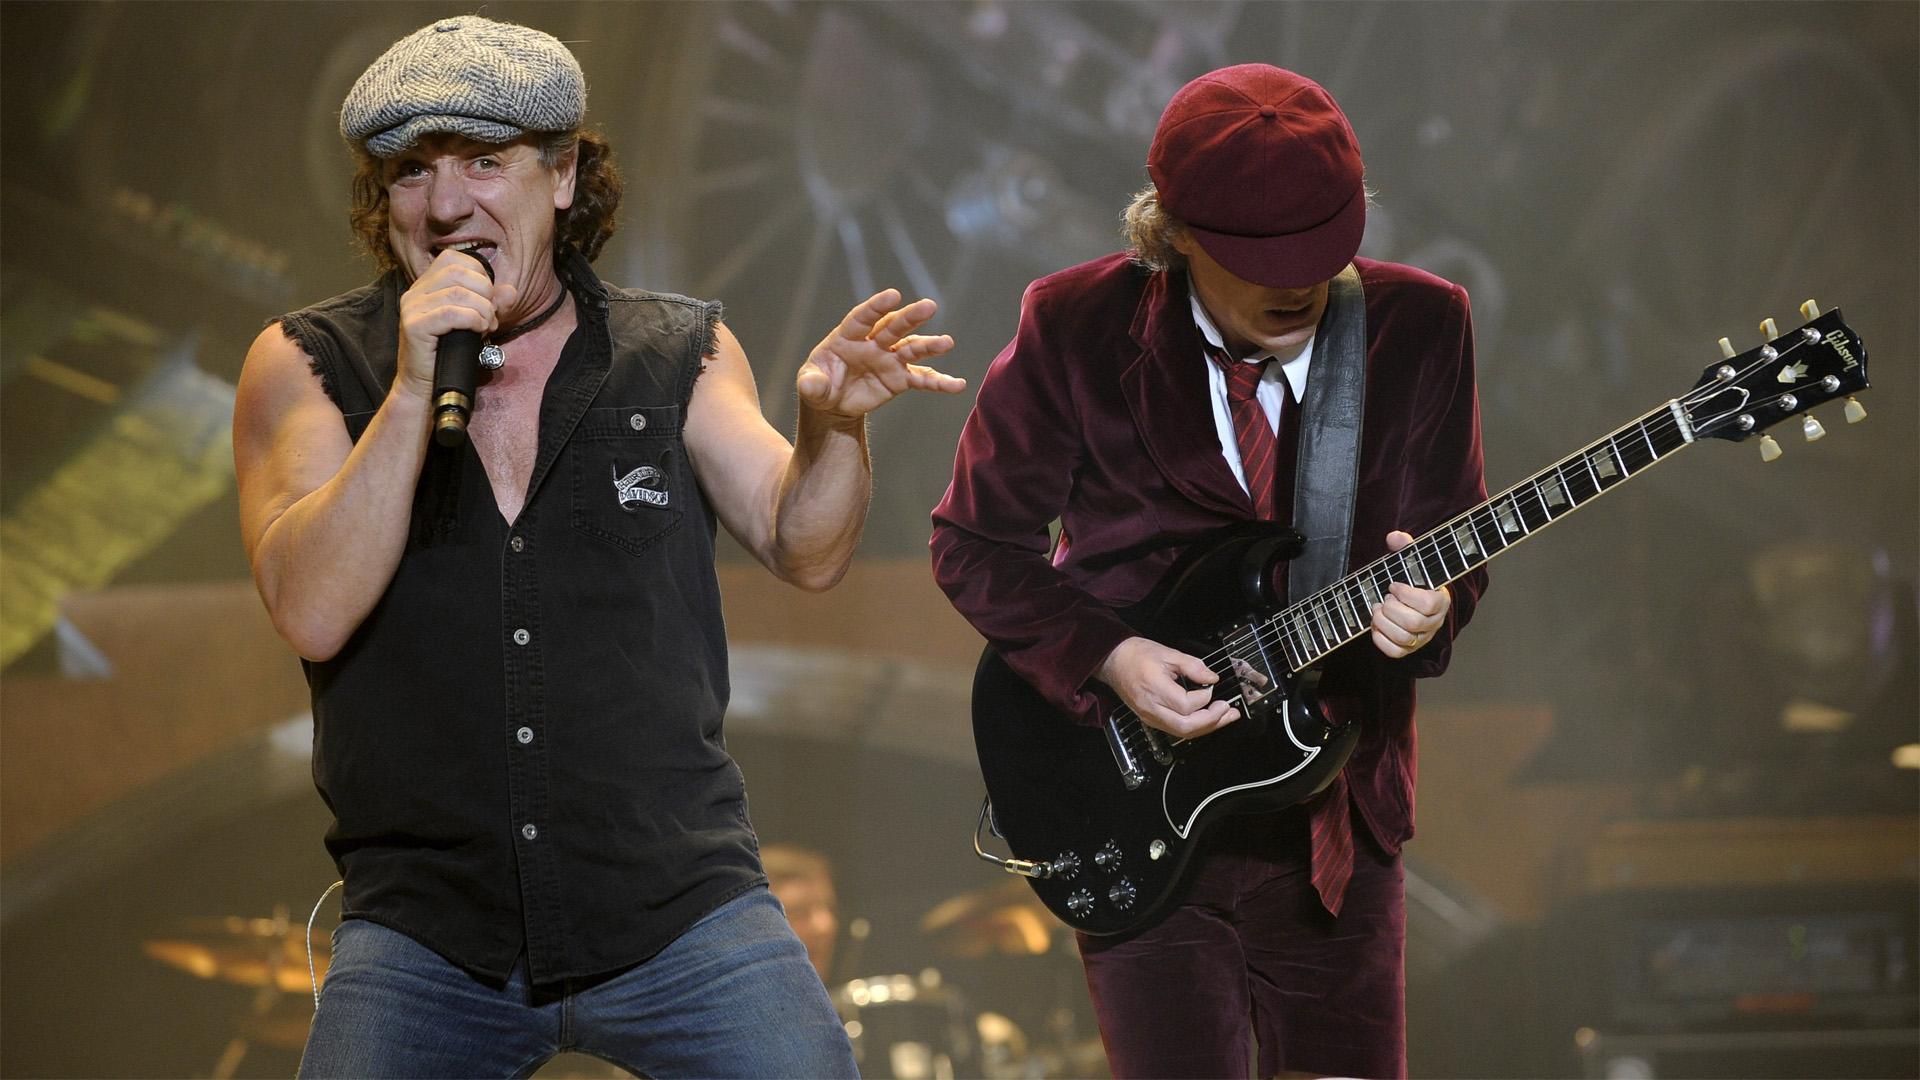 AC / DC en concierto - 1920x1080